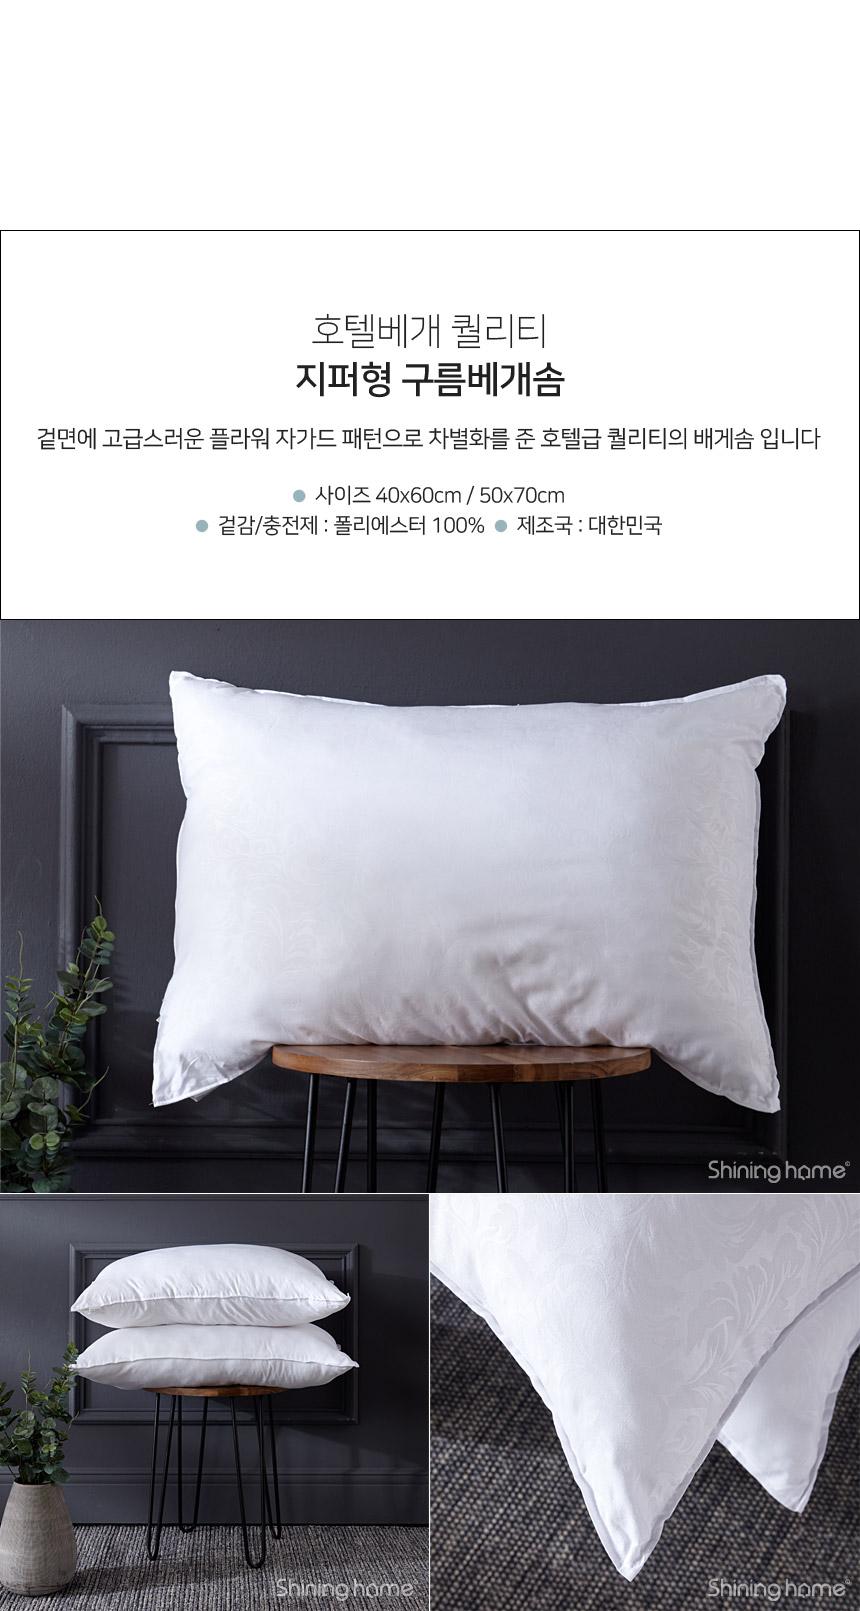 샤르르 호텔식 구름 베개솜 40x60 - 샤이닝홈, 15,000원, 솜/속통, 베개솜